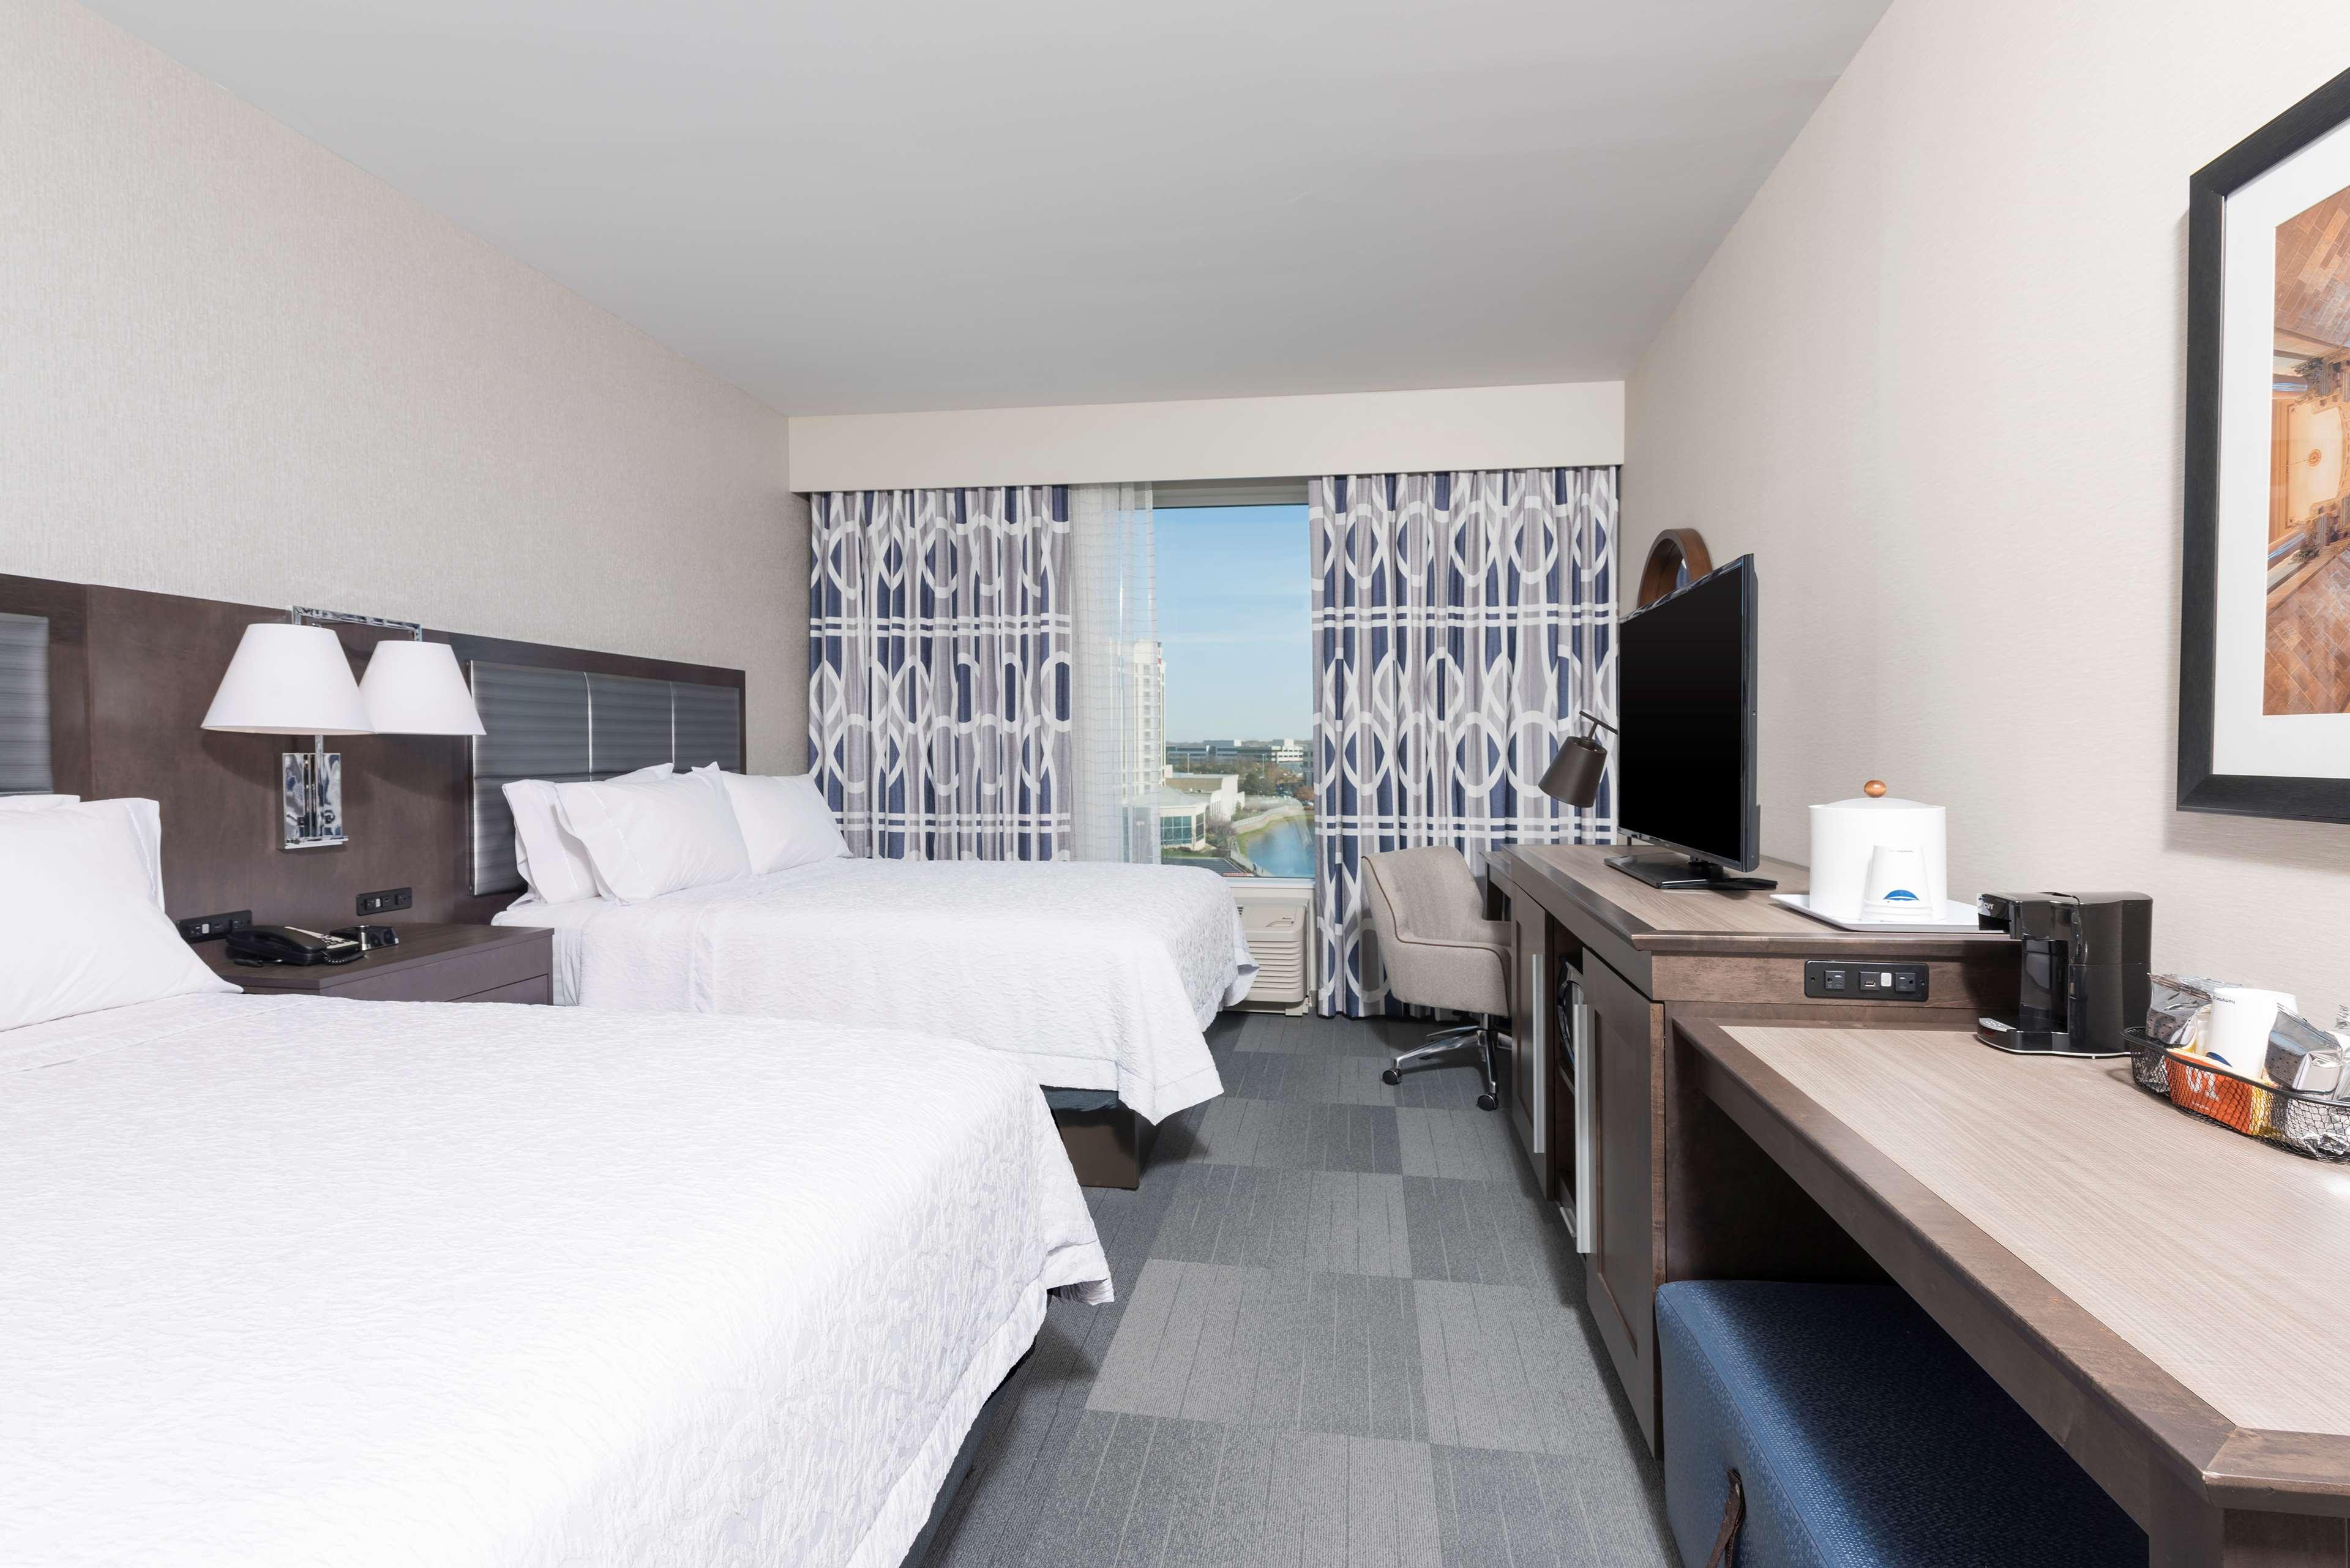 Hampton Inn & Suites Indianapolis-Keystone image 32